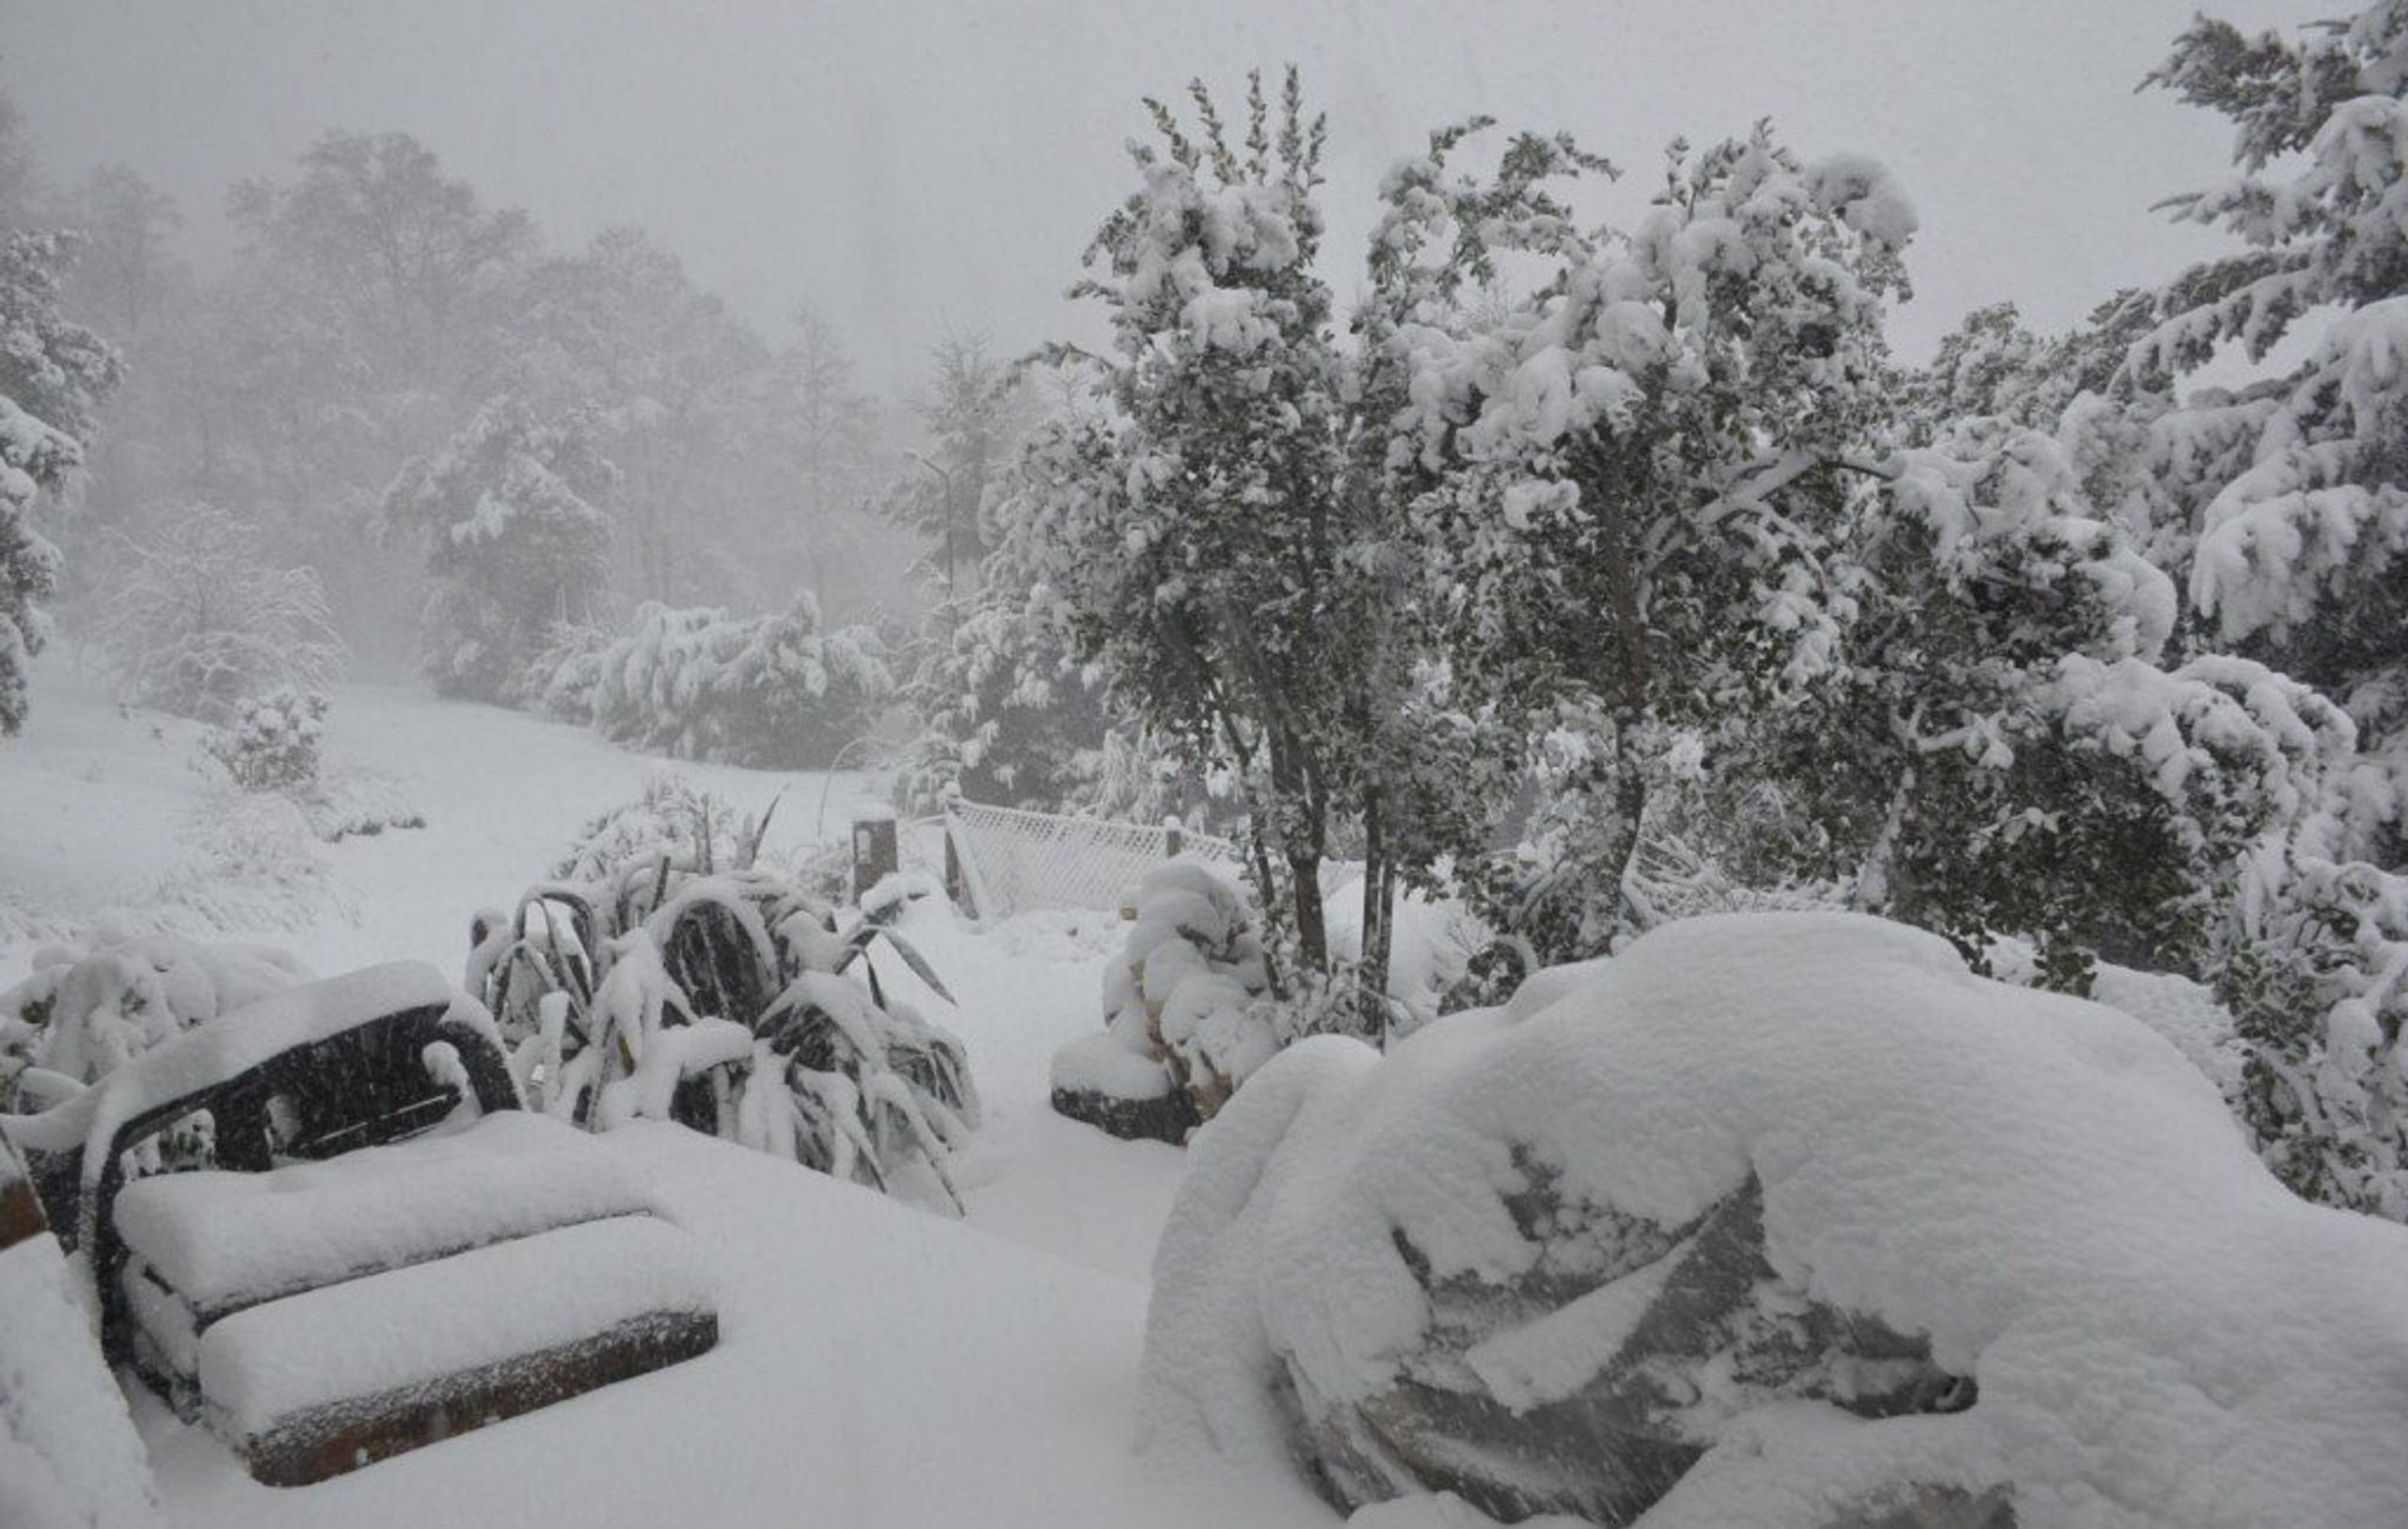 Temporal de nieve en el sur: cerraron rutas y rige un alerta en tres provincias